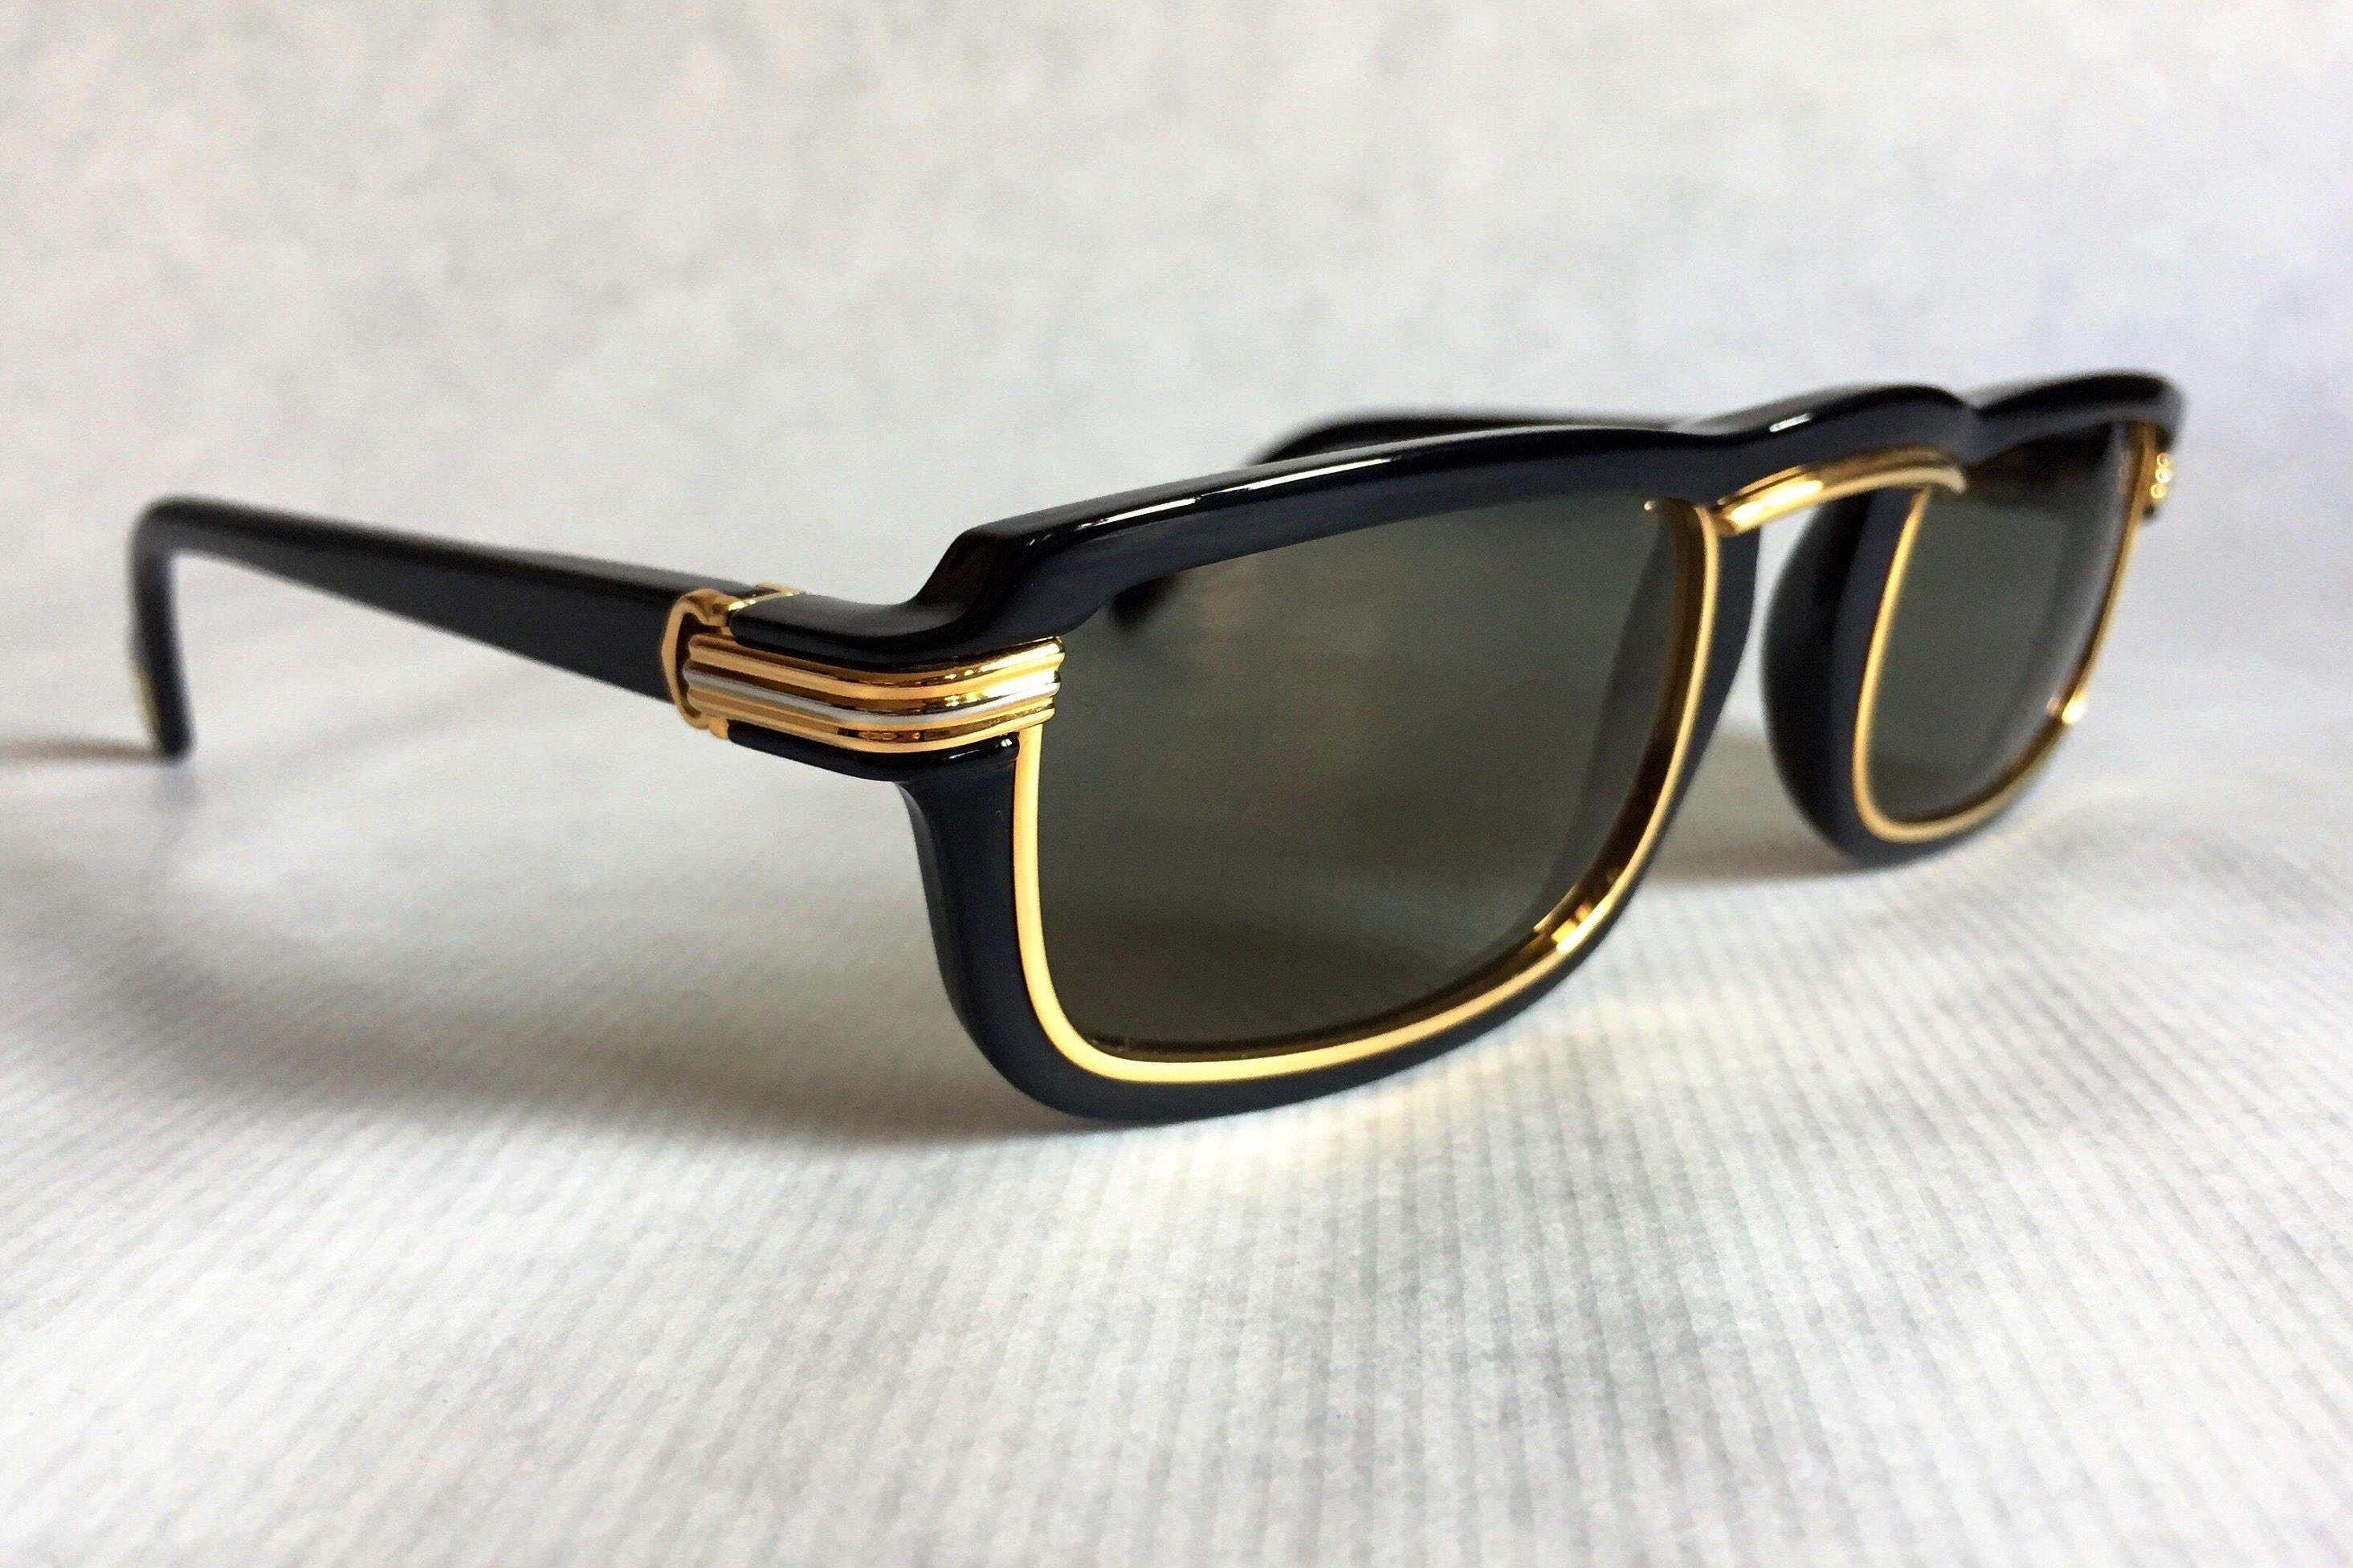 5ff8e8bab1b6 Cartier Vertigo Vintage Sunglasses - Full Set - New Old Stock. gallery  photo ...